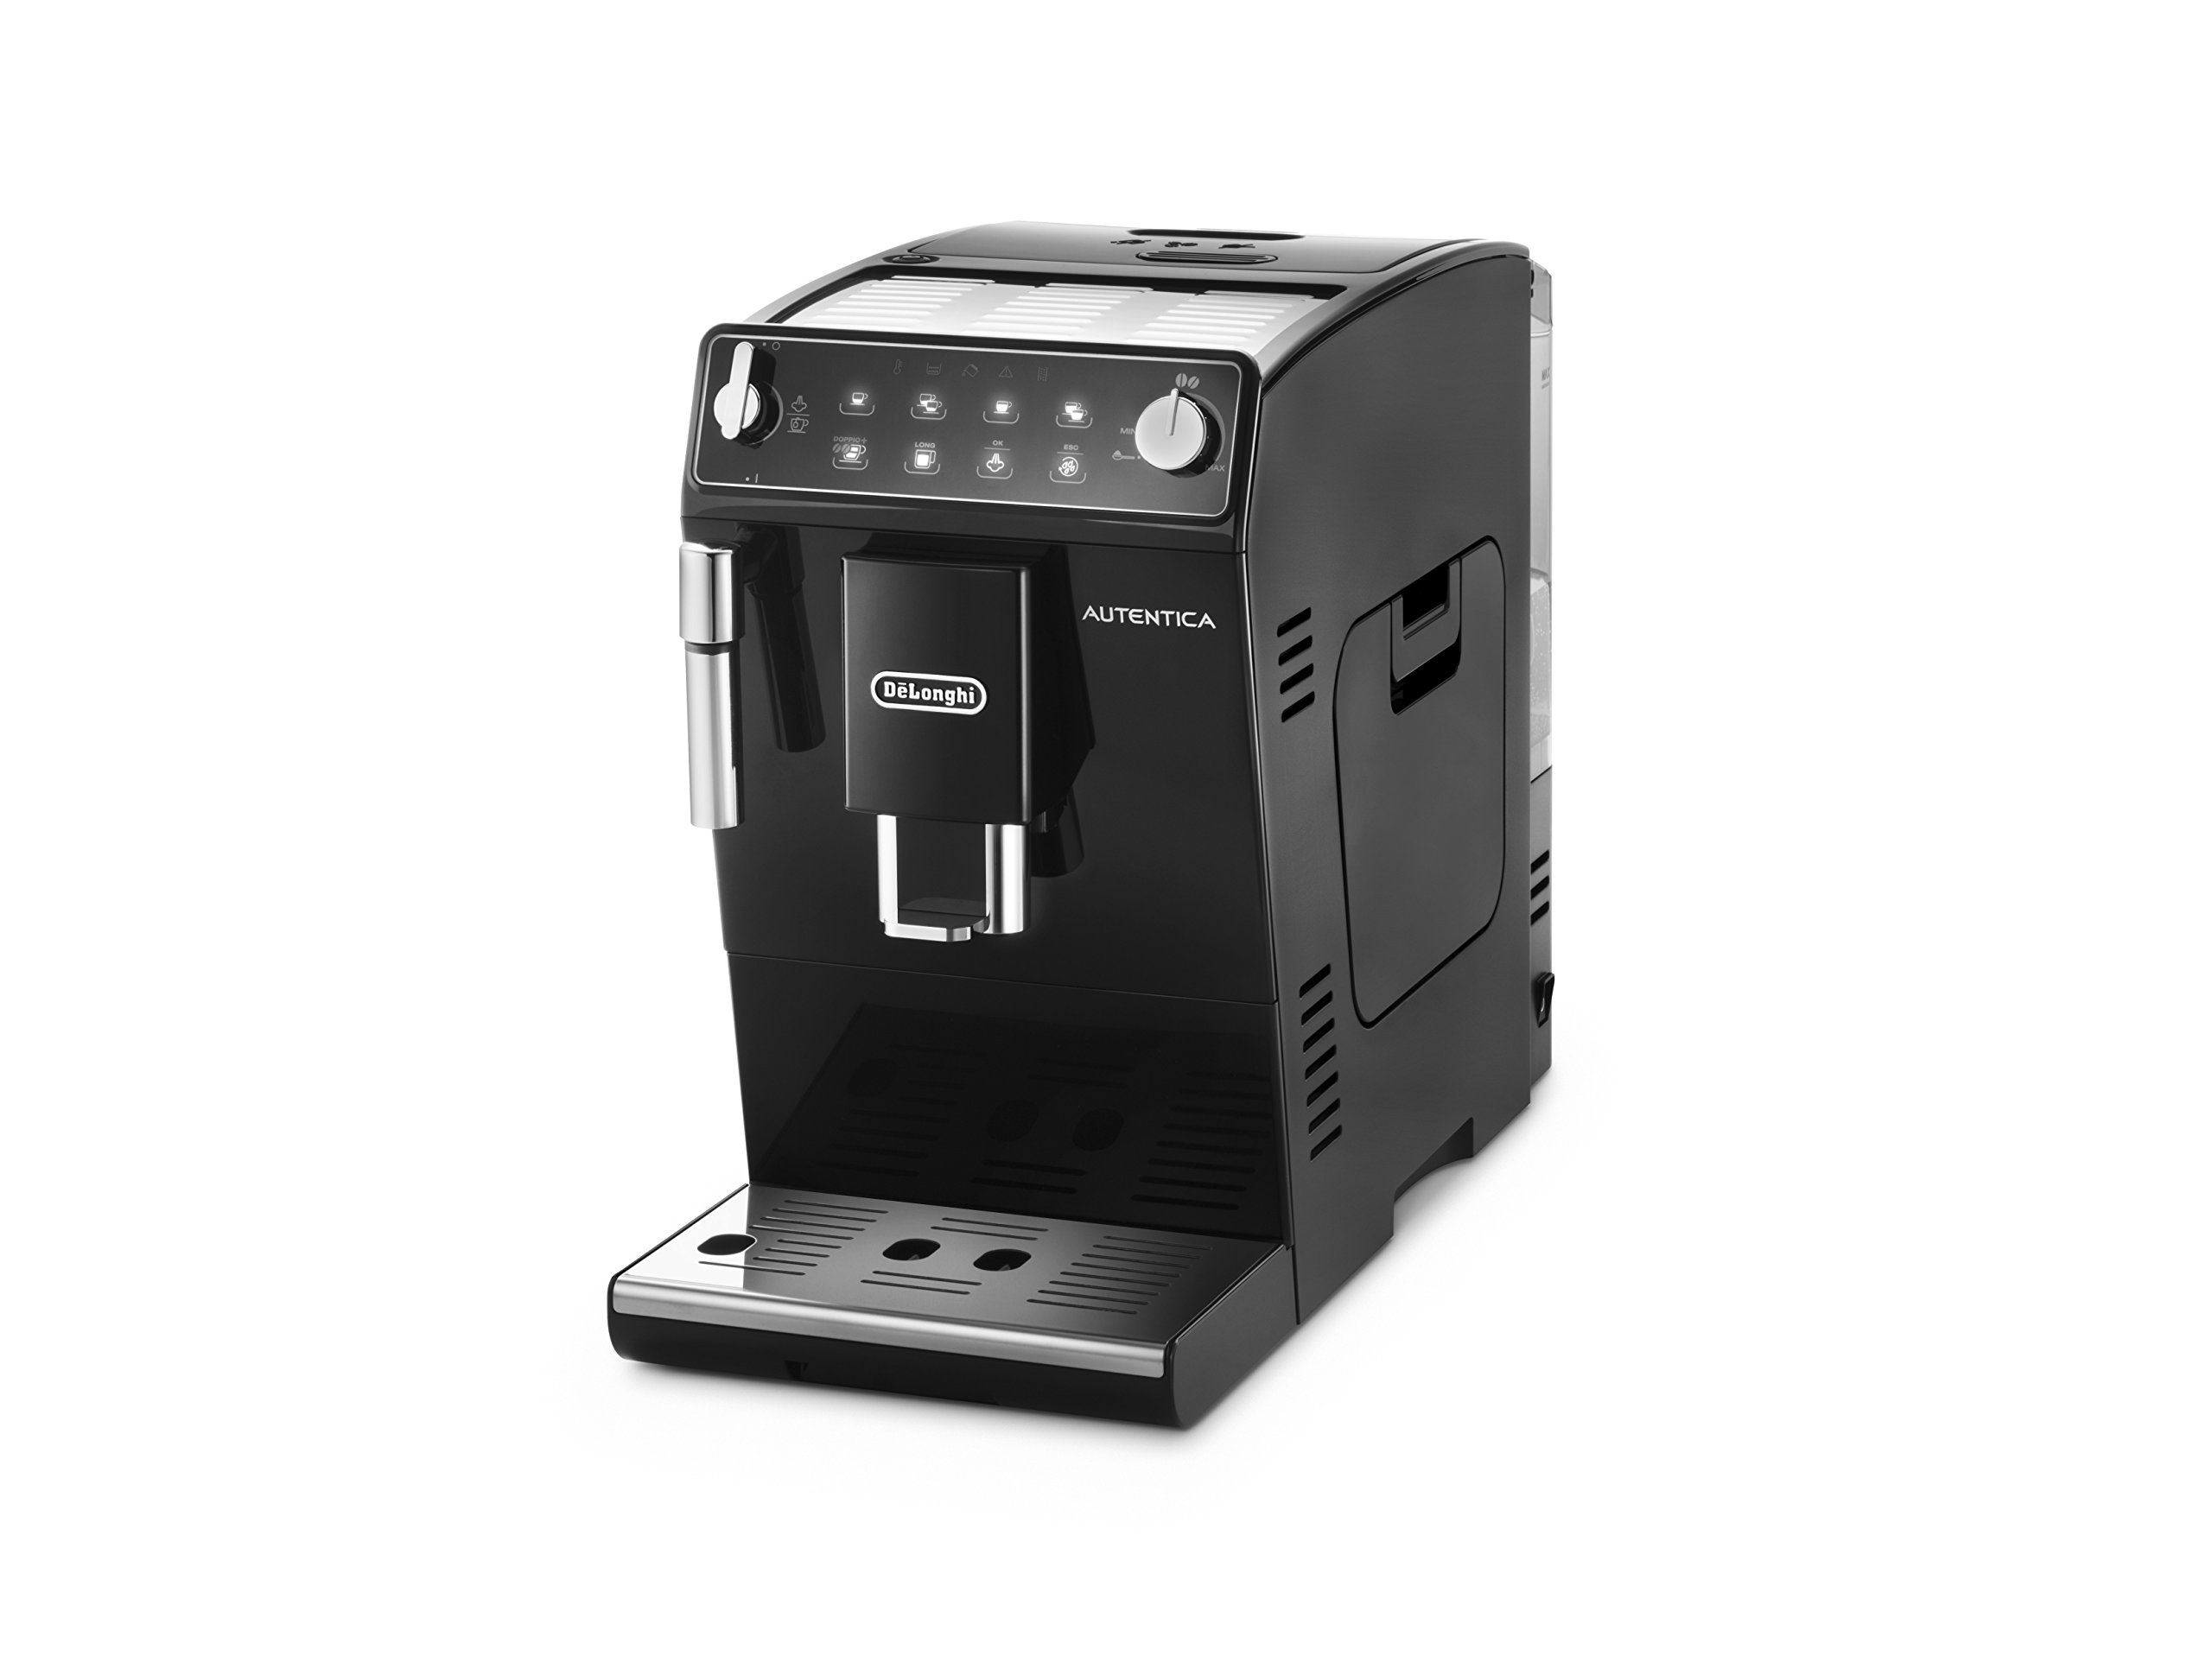 Delonghi Autentica Etam 29.510.B - Cafetera superautomática, 1450w, capacidad 1,3l, dispositivo cappuccino y variedad de cafés, 2 tazas, molinillo café ...